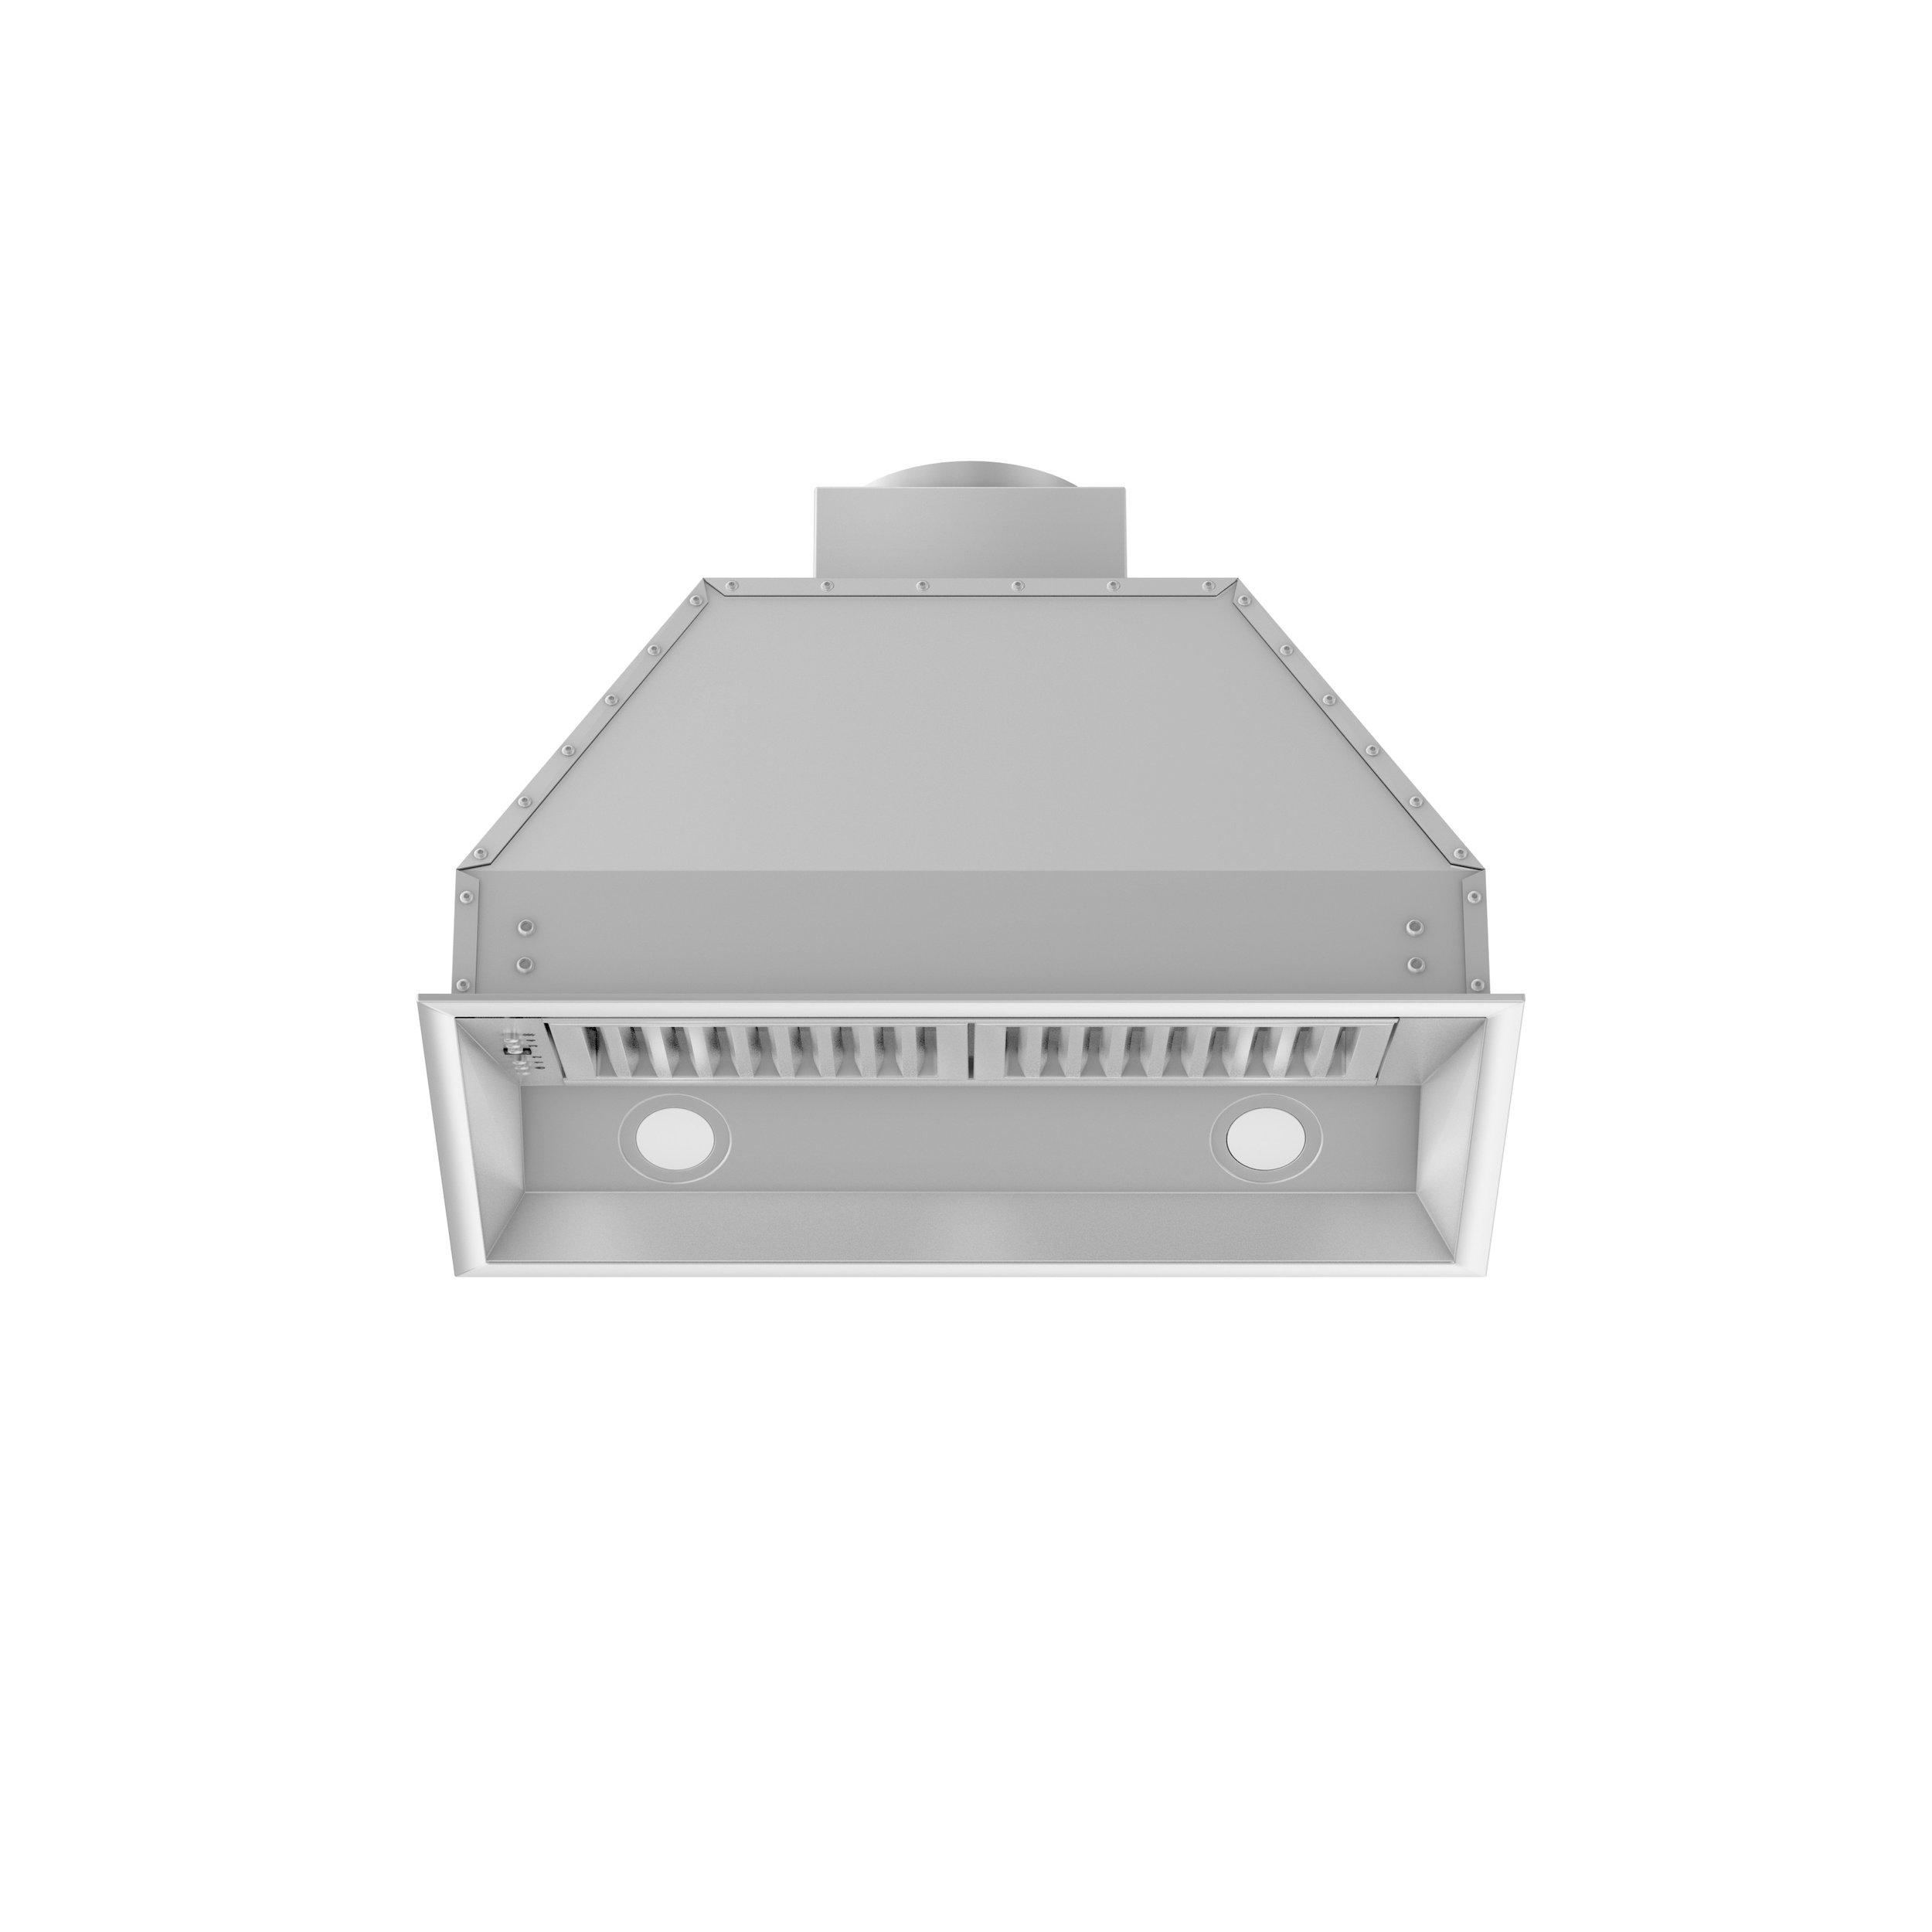 zline-stainless-steel-range-insert-698_40-underneath.jpeg